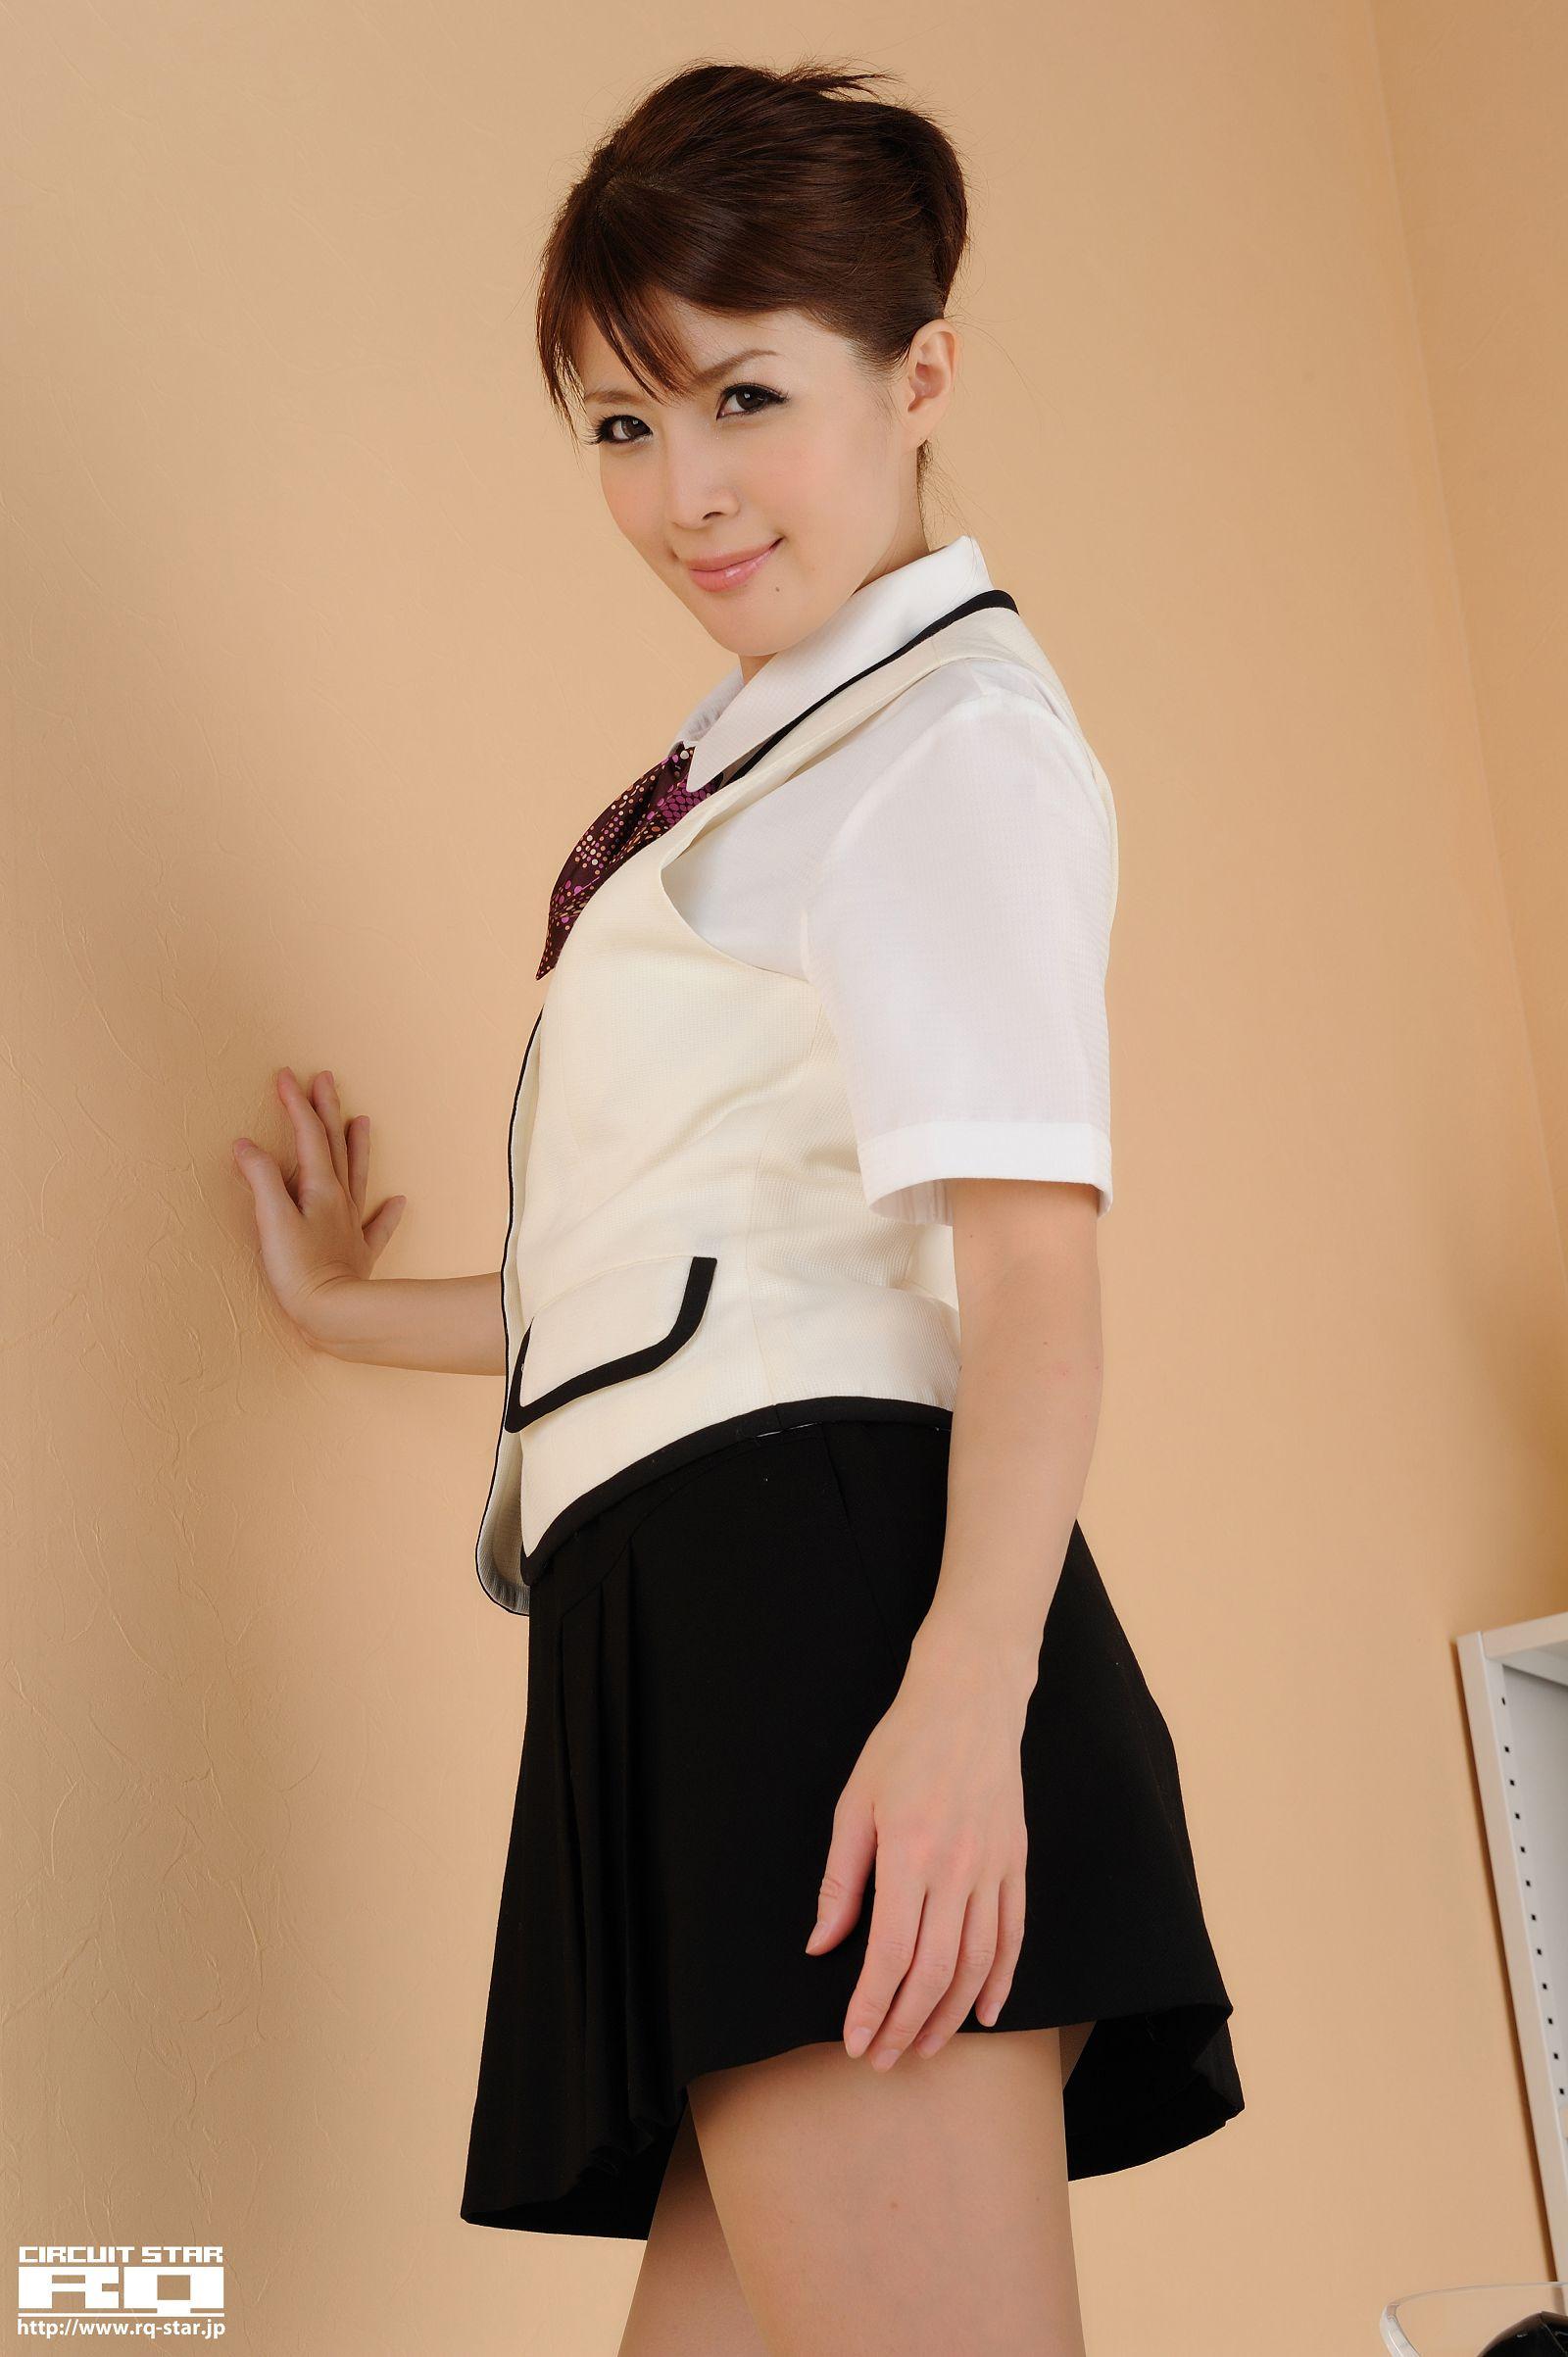 [RQ STAR美女] NO.00448 Maika Misaki 三咲舞花 Office Lady[87P] RQ STAR 第4张